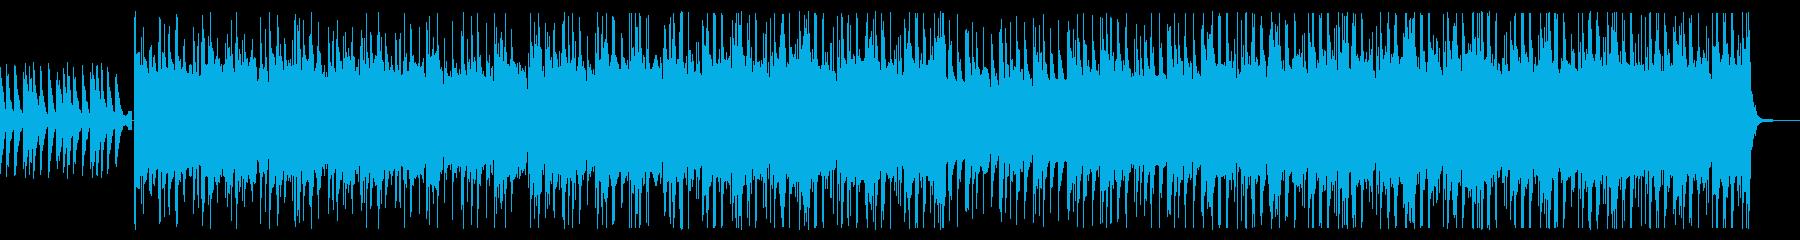 洋楽テイストでノリの良いポップスの再生済みの波形